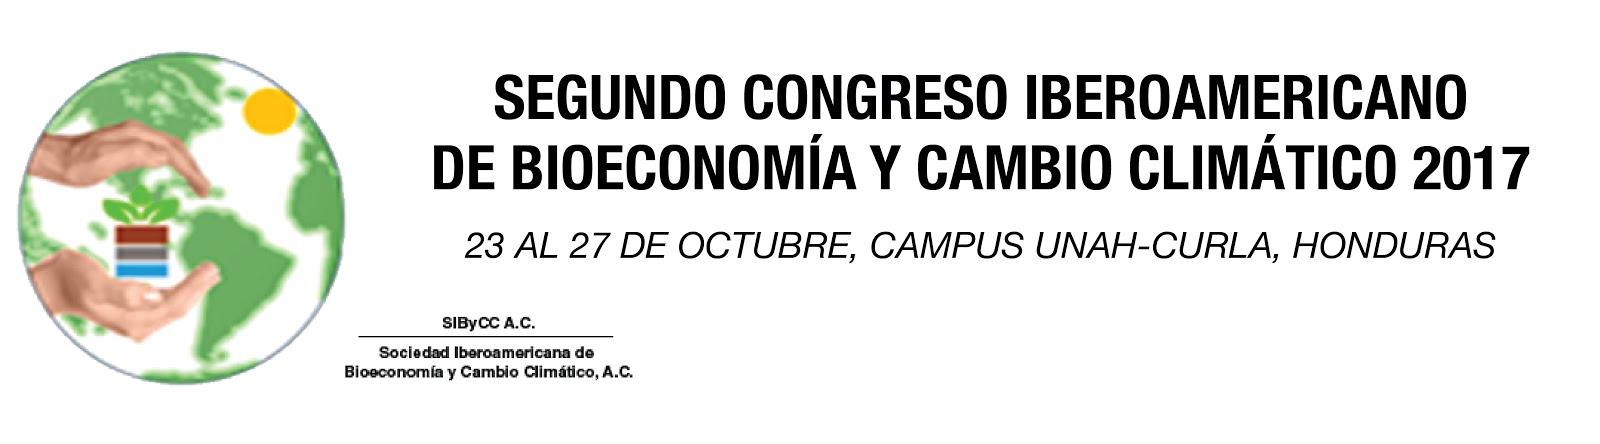 Segundo Congreso Iberoamericano de Bioeconomía y Cambio Climático